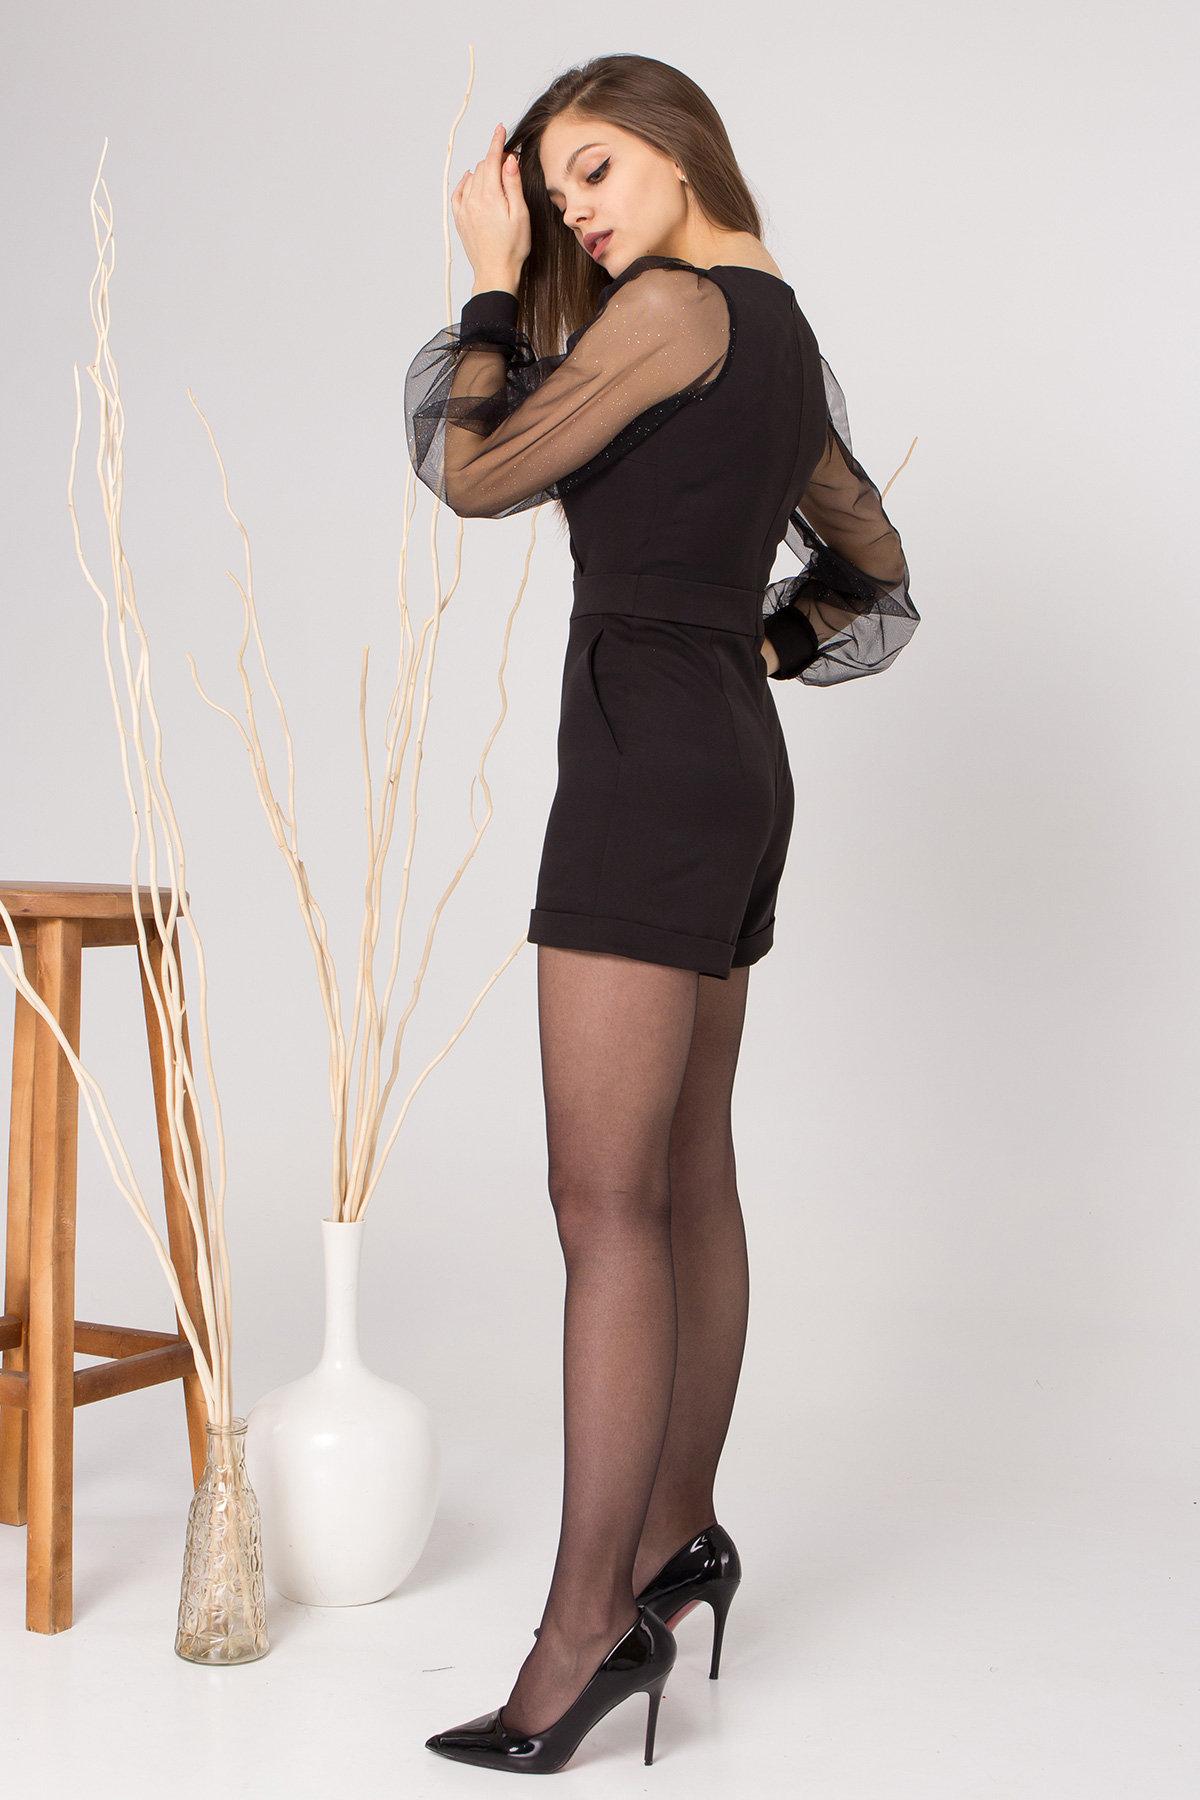 Нарядный комбинезон с шортами Набель 8886 АРТ. 45207 Цвет: Черный - фото 5, интернет магазин tm-modus.ru